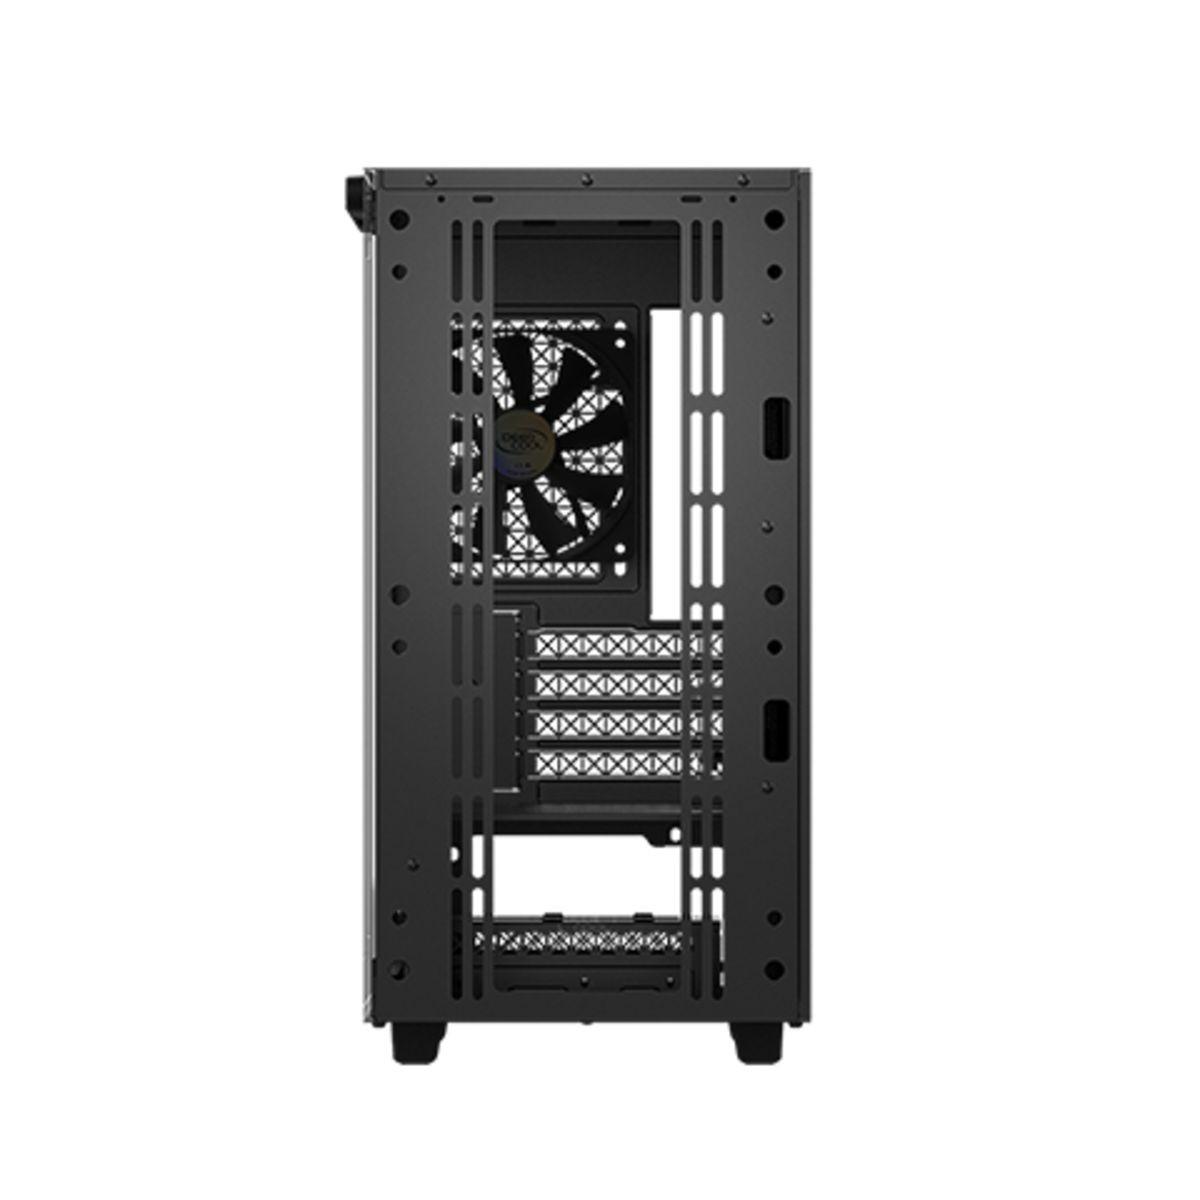 Gabinete Gamer DeepCool Macube 110, Mini Tower, Vidro Temperado, Black, Sem Fonte, Com 1 Fan, R-MACUBE110-BKNGM1N-G-1